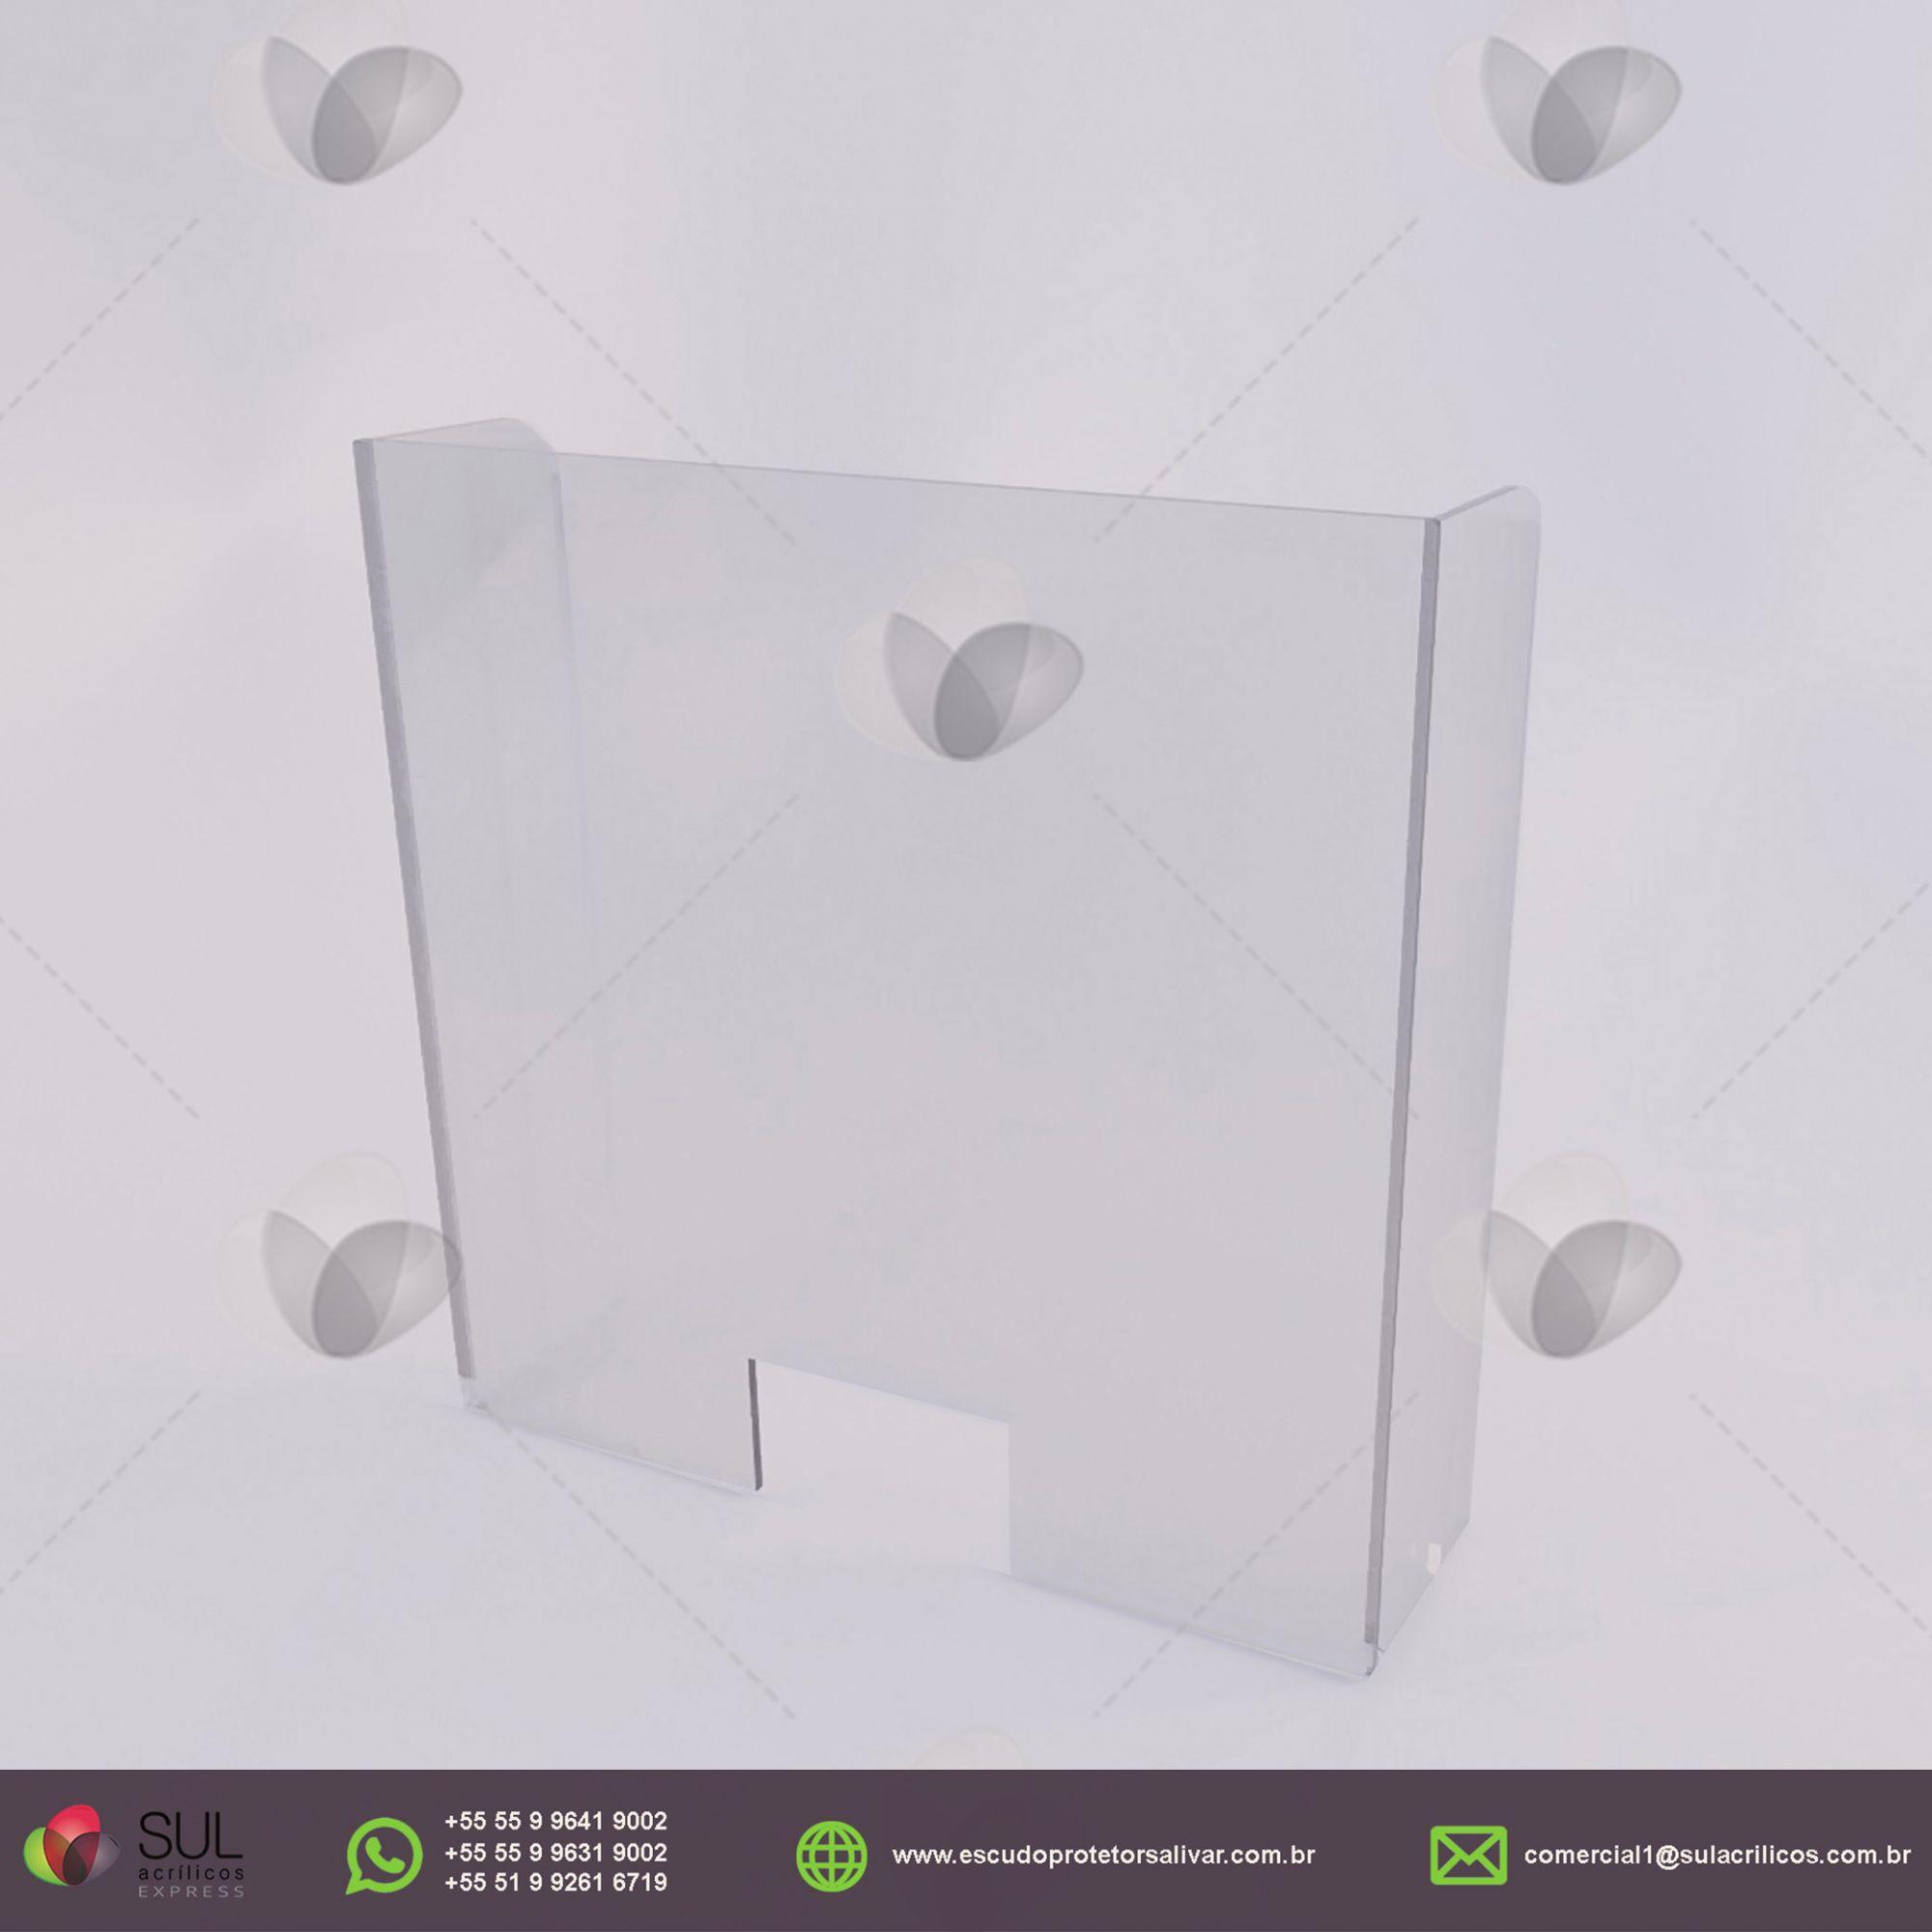 Barreira de Proteção p/ Balcão de Farmácias em Acrílico - Kit c/ 10